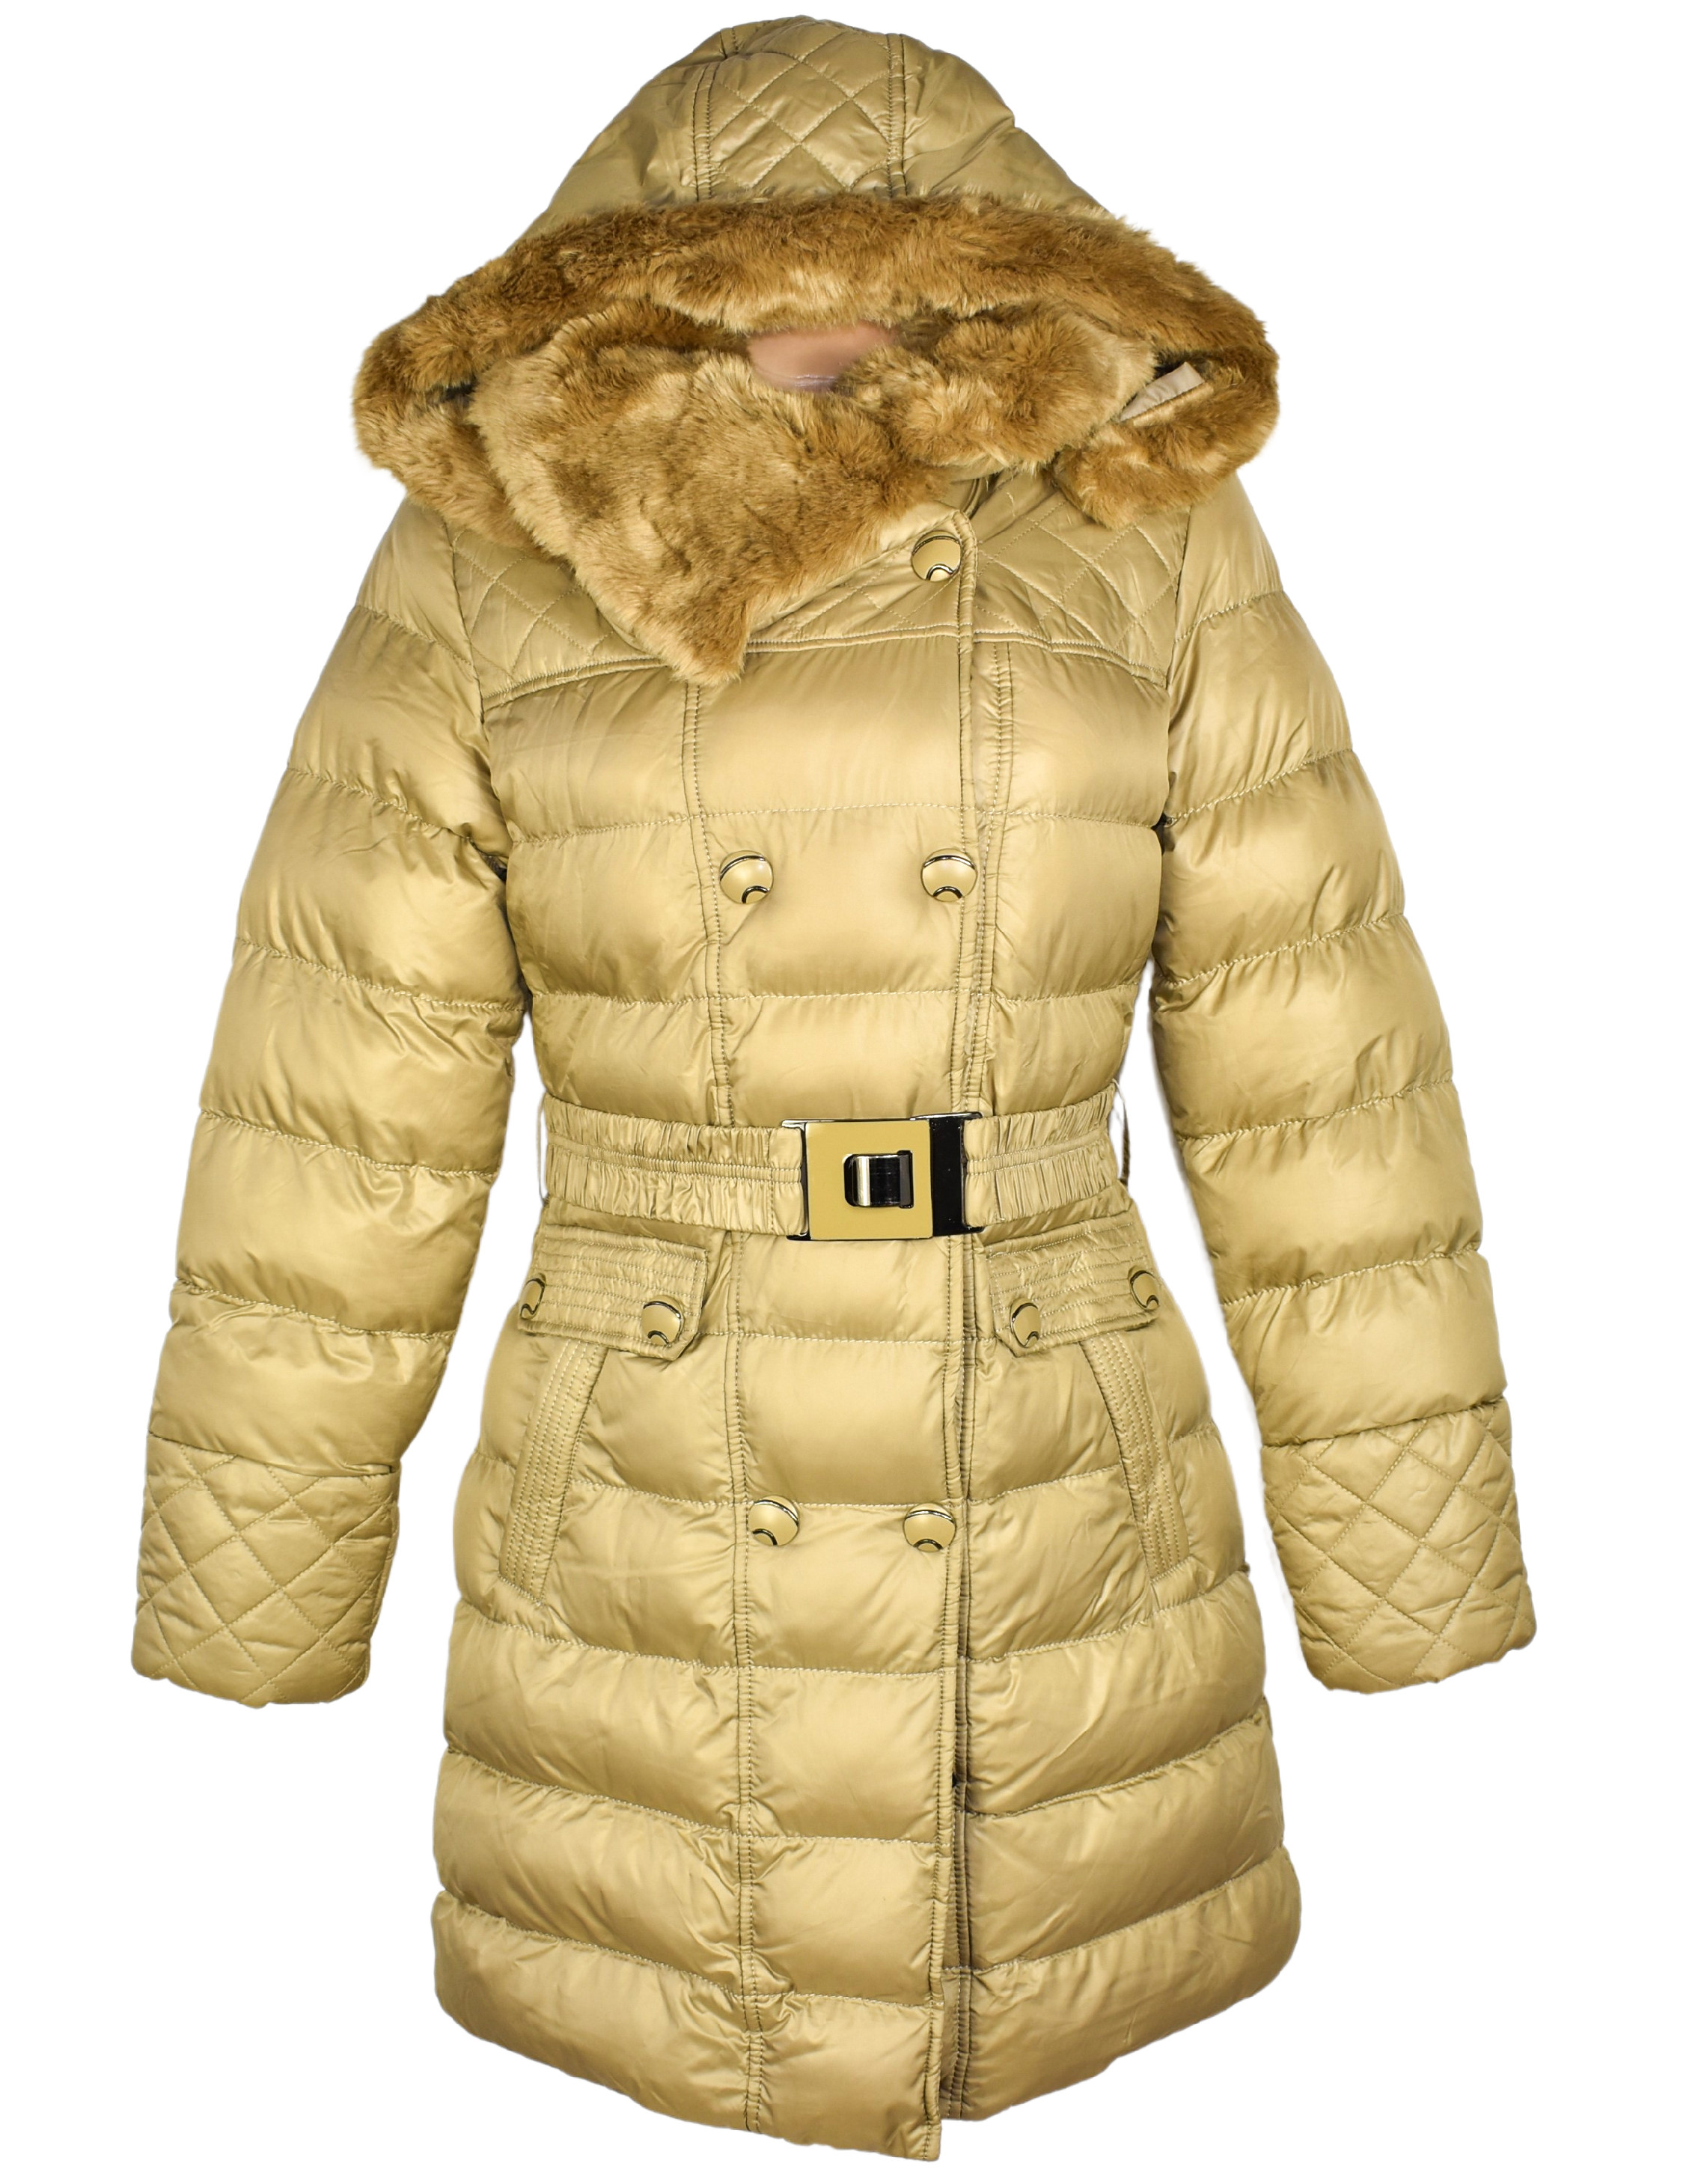 Dámský prošívaný zimní zlatý kabát s páskem a kapucí Hikiss M/38